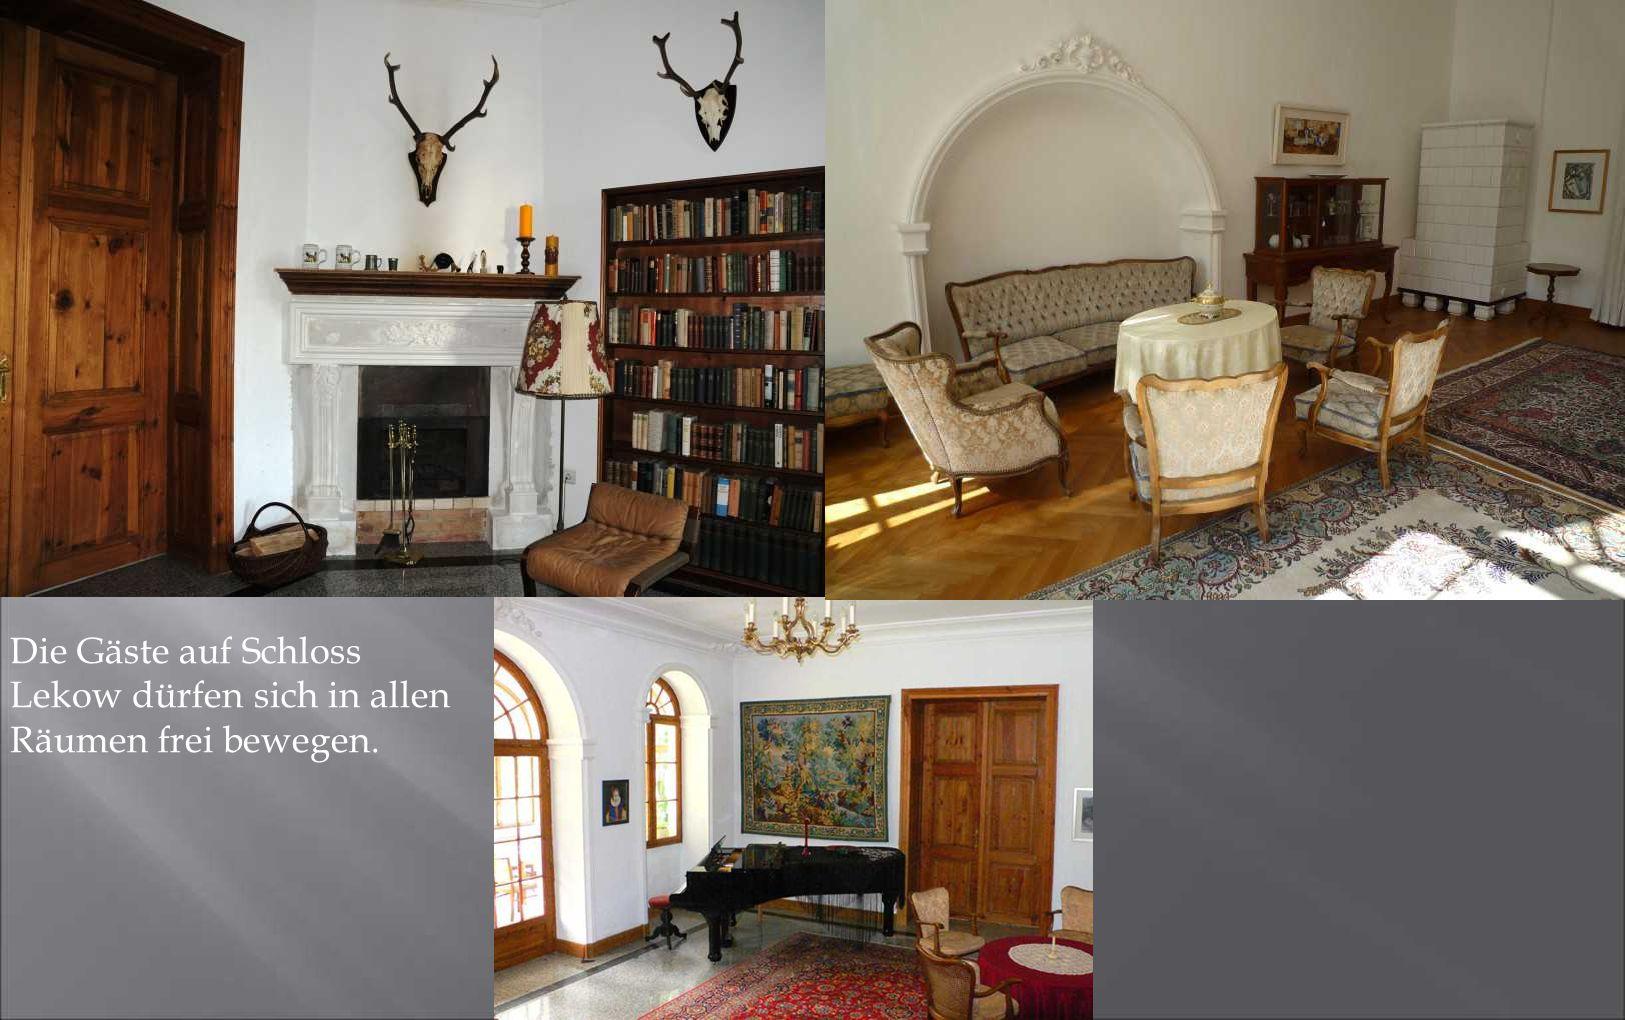 Die Gäste auf Schloss Lekow dürfen sich in allen Räumen frei bewegen.